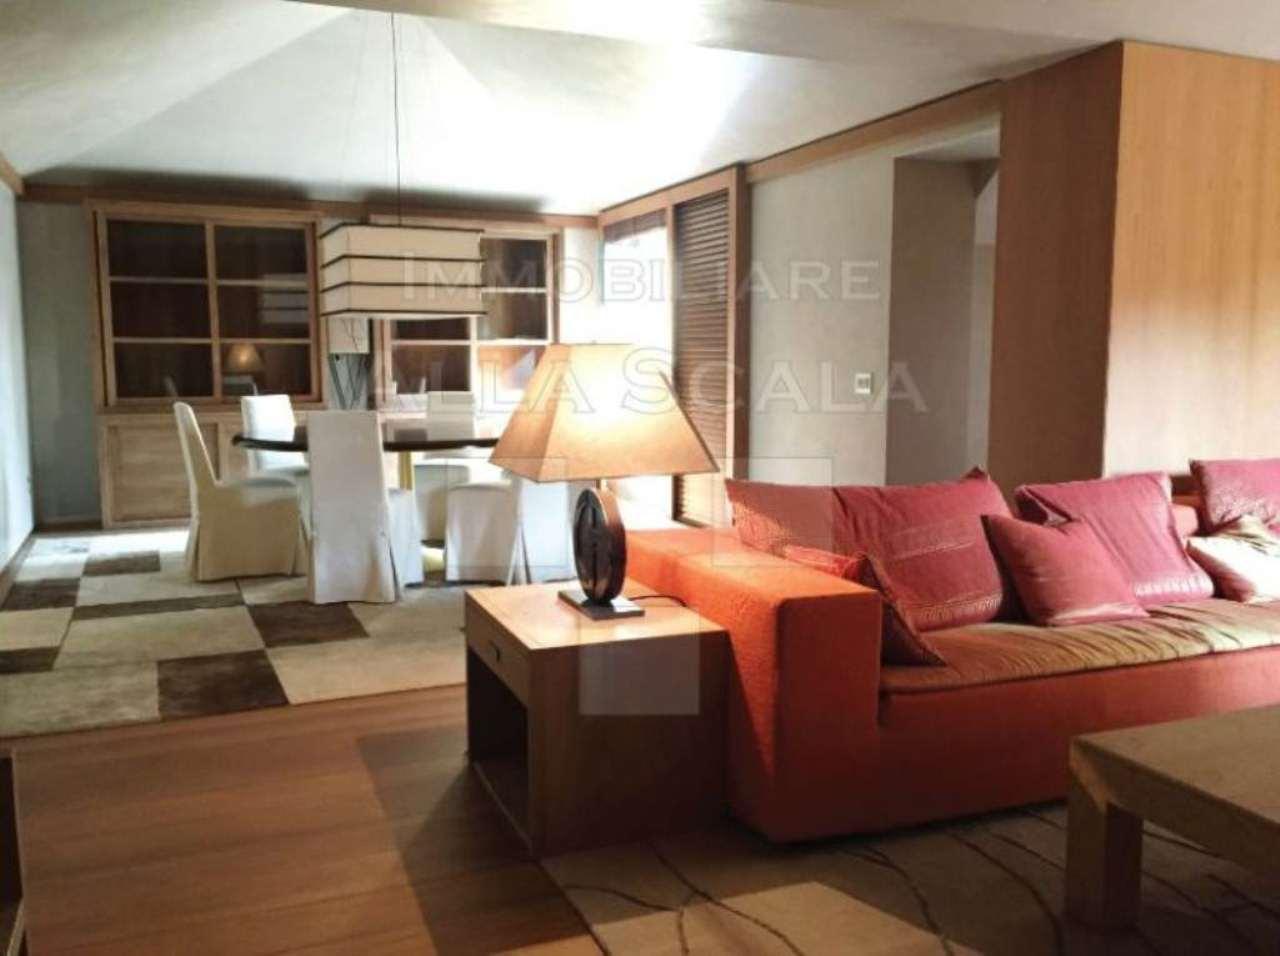 Attico / Mansarda in affitto a Milano, 3 locali, zona Zona: 1 . Centro Storico, Duomo, Brera, Cadorna, Cattolica, prezzo € 7.080 | Cambio Casa.it